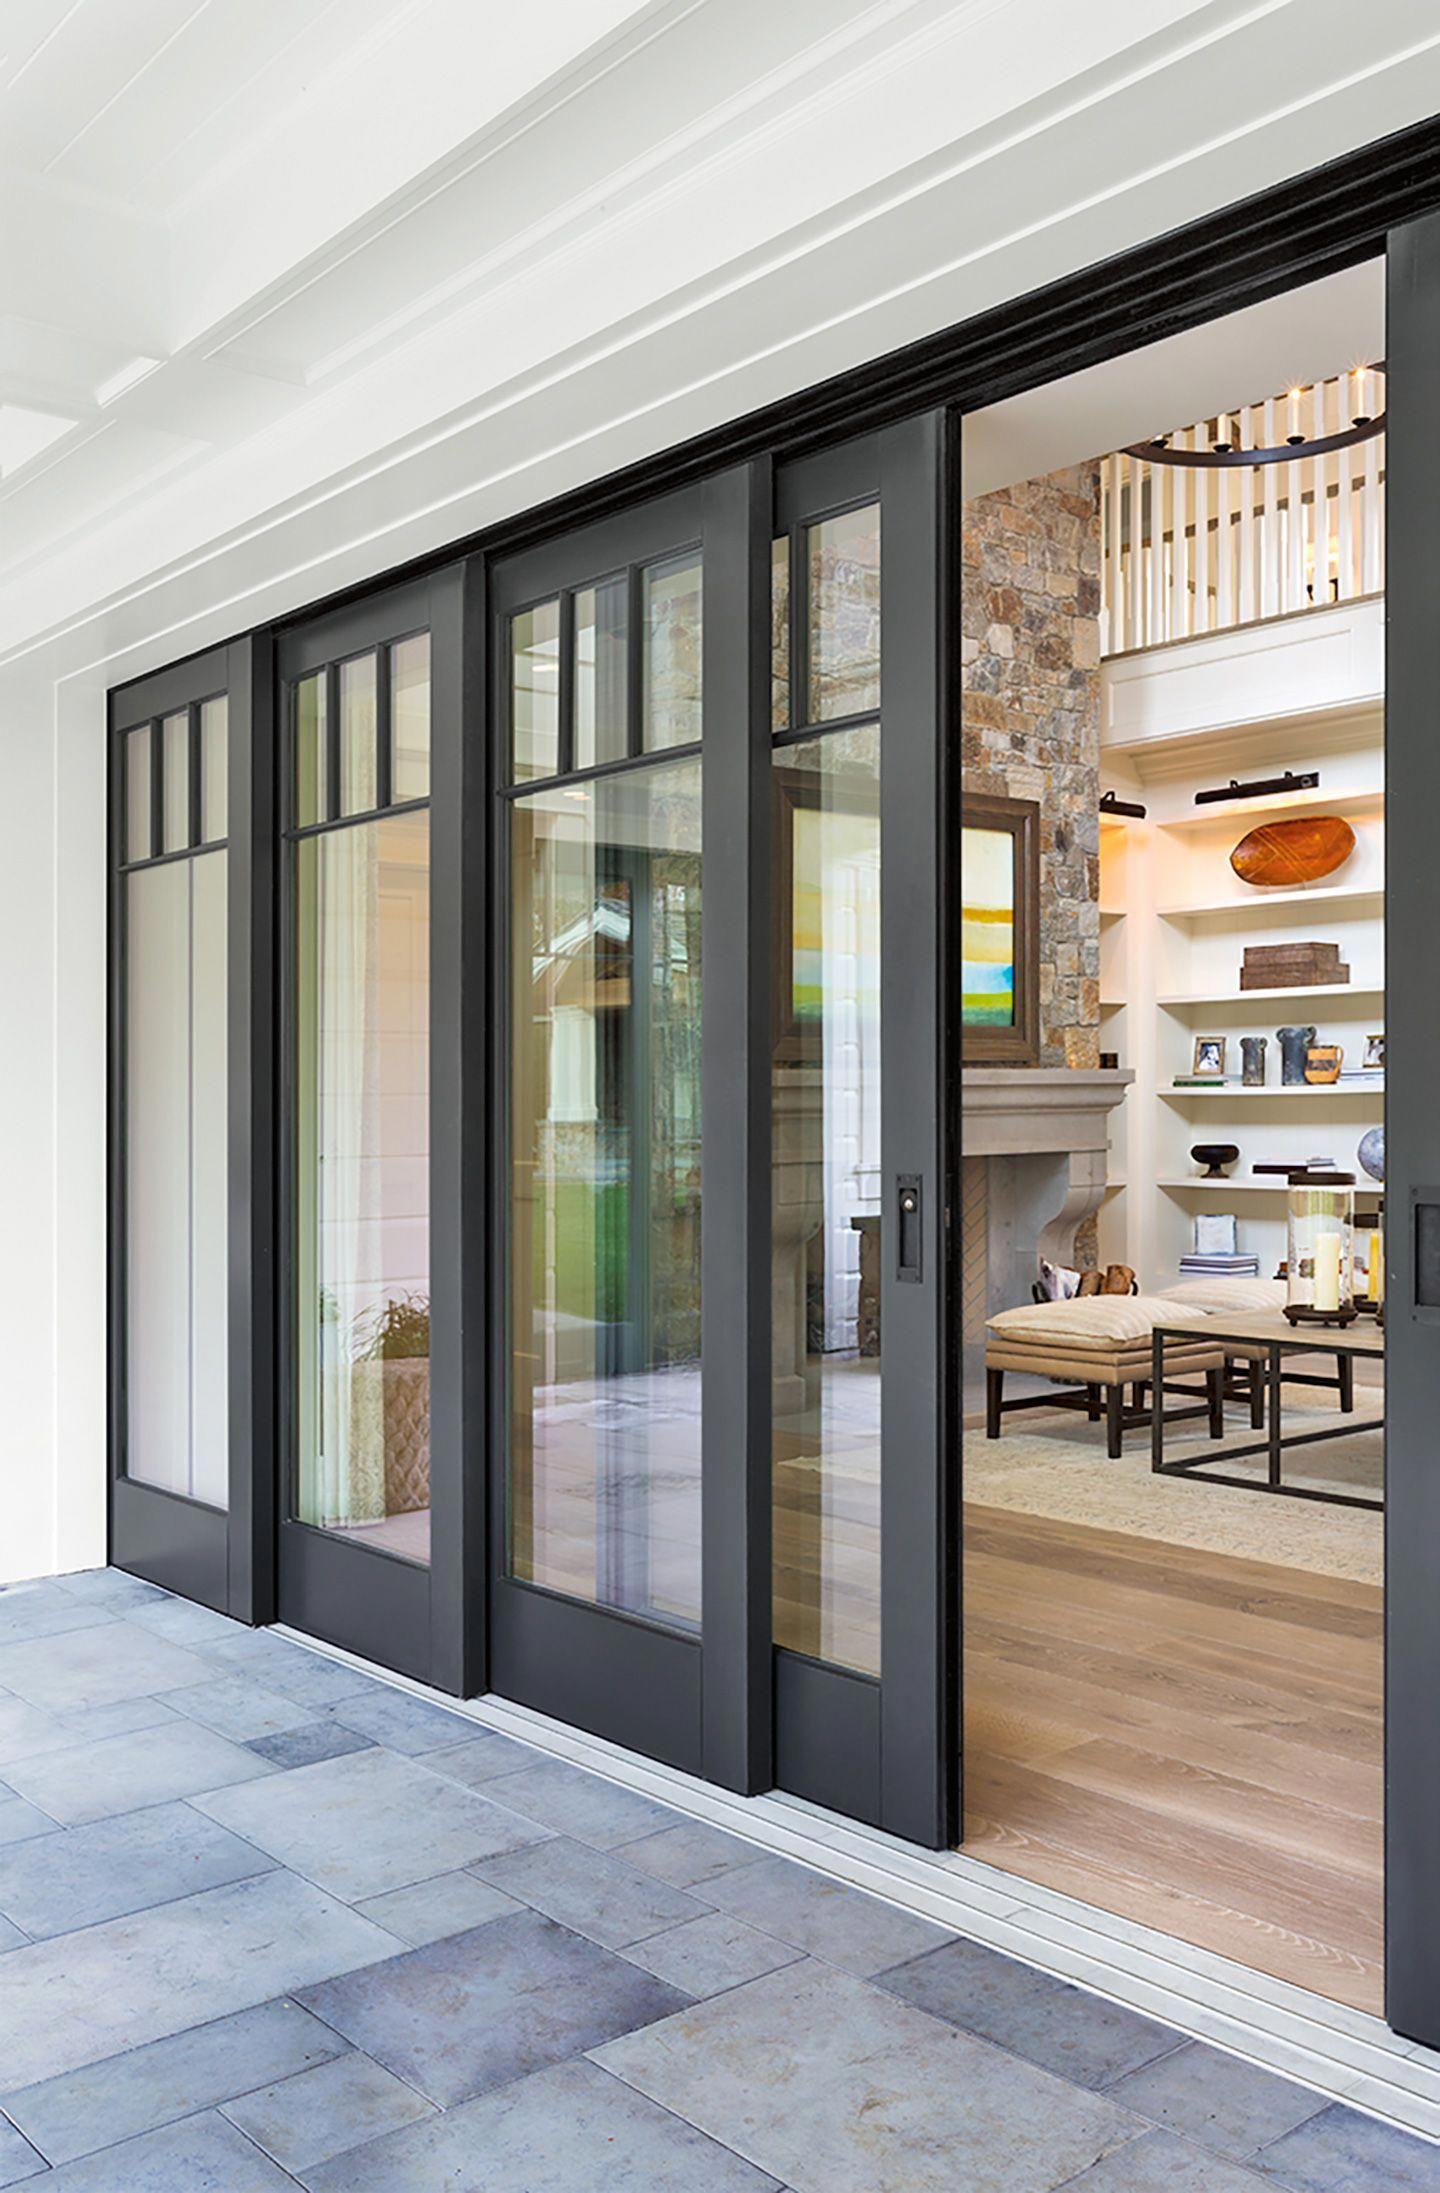 Retractable Doors Interior Bathroom Doors Decorative Interior Doors 20190706 French Doors Exterior Sliding Doors Exterior French Doors Patio